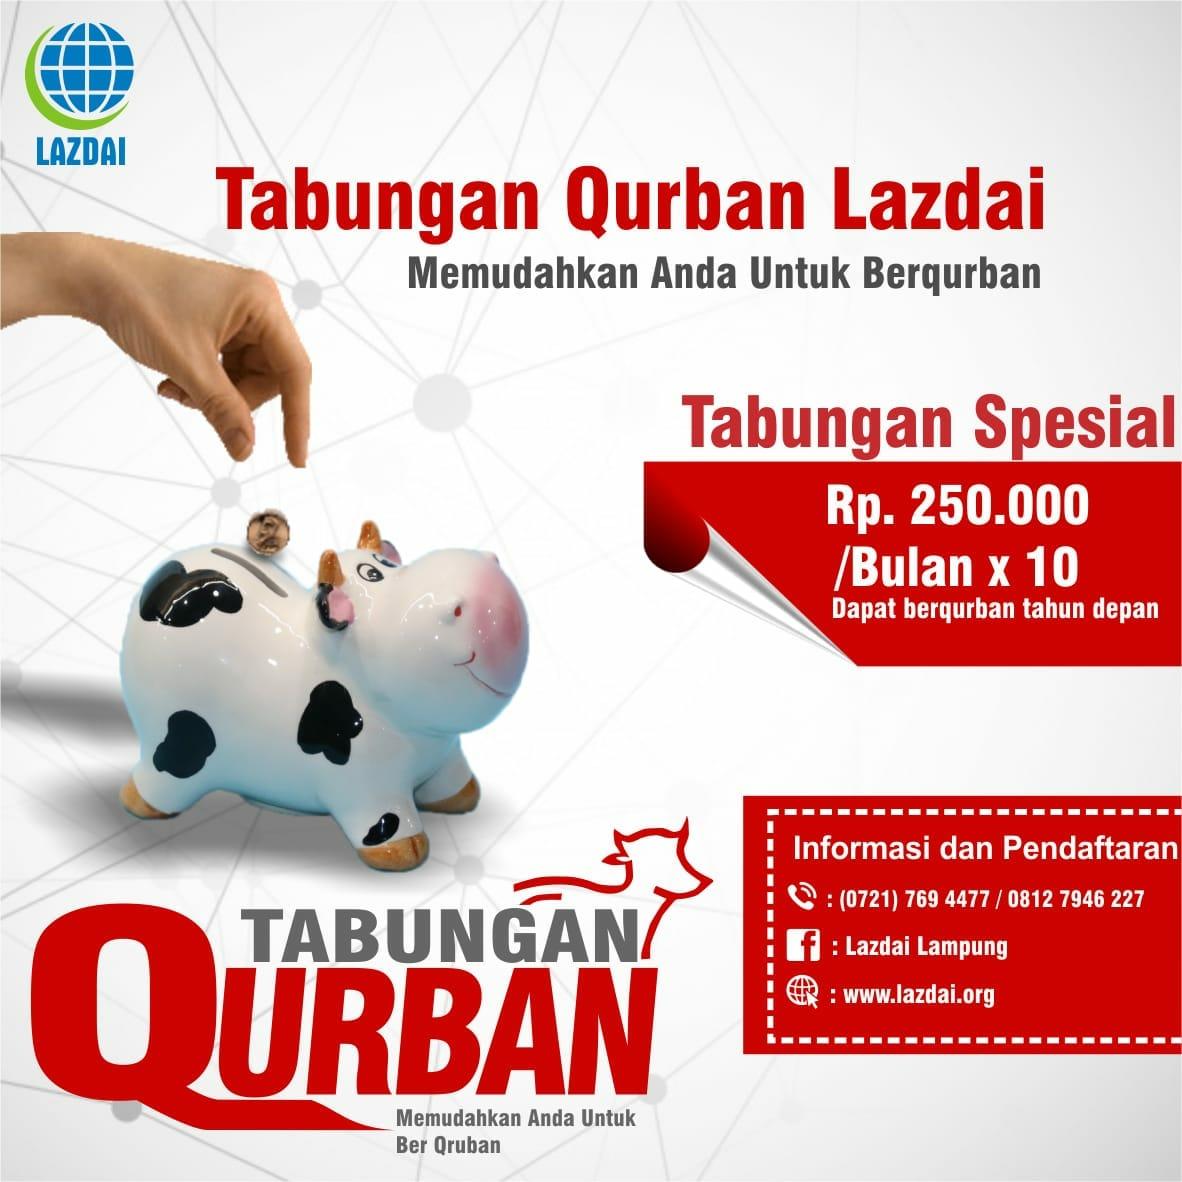 Tabungan Qurban Lazdai